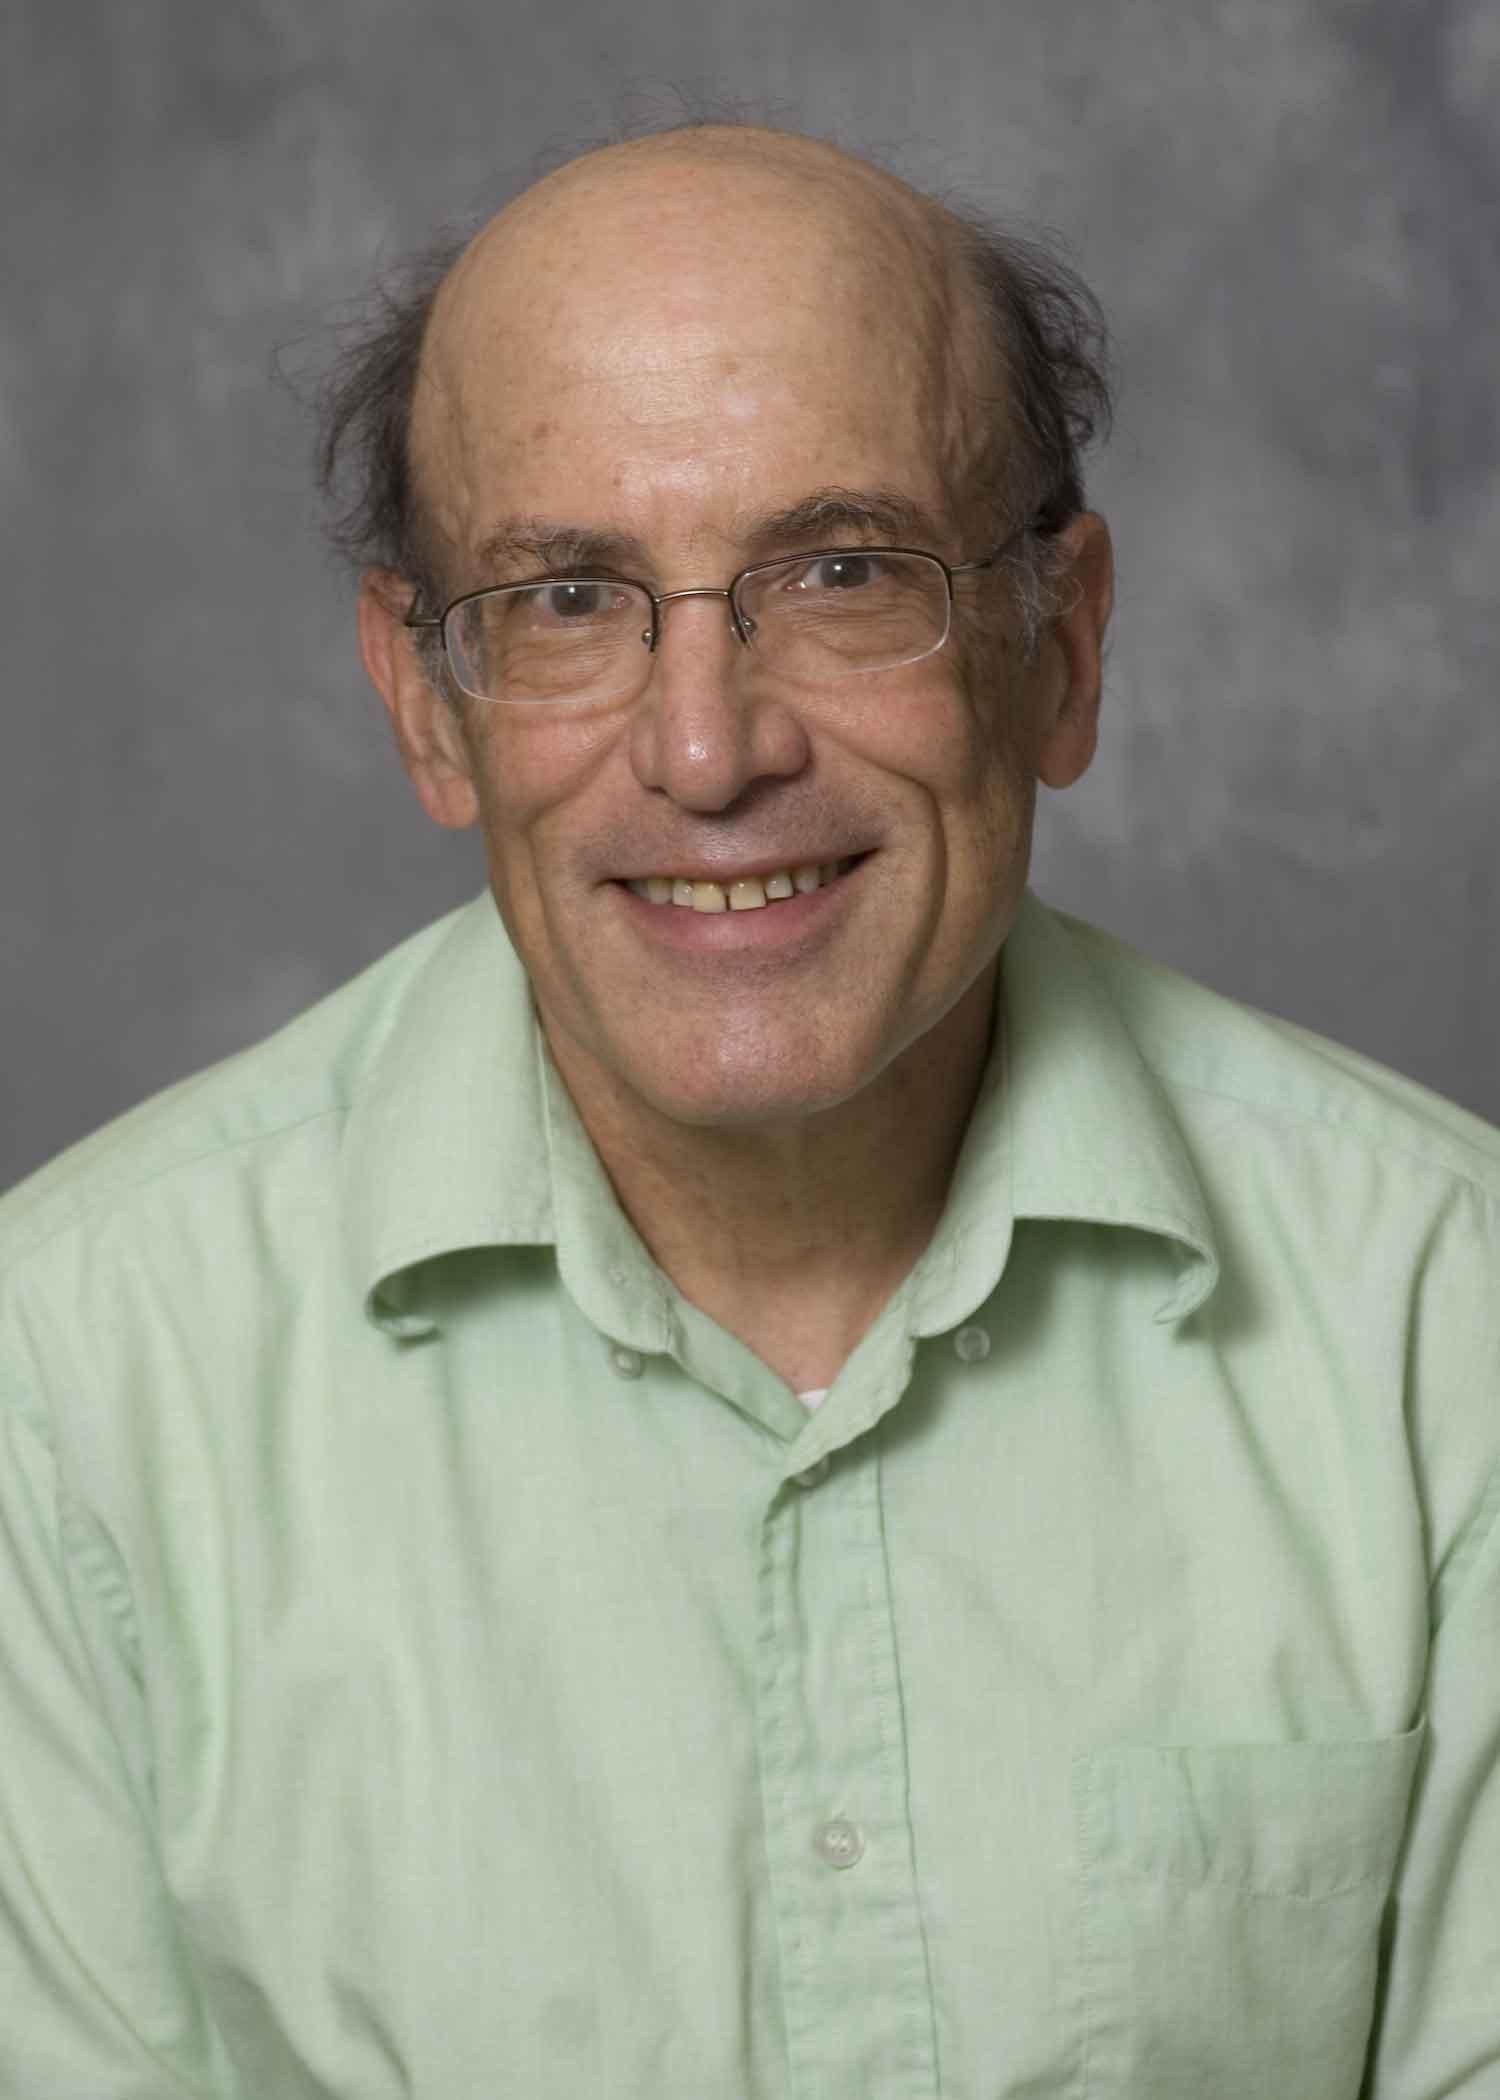 Dr. David Drasin